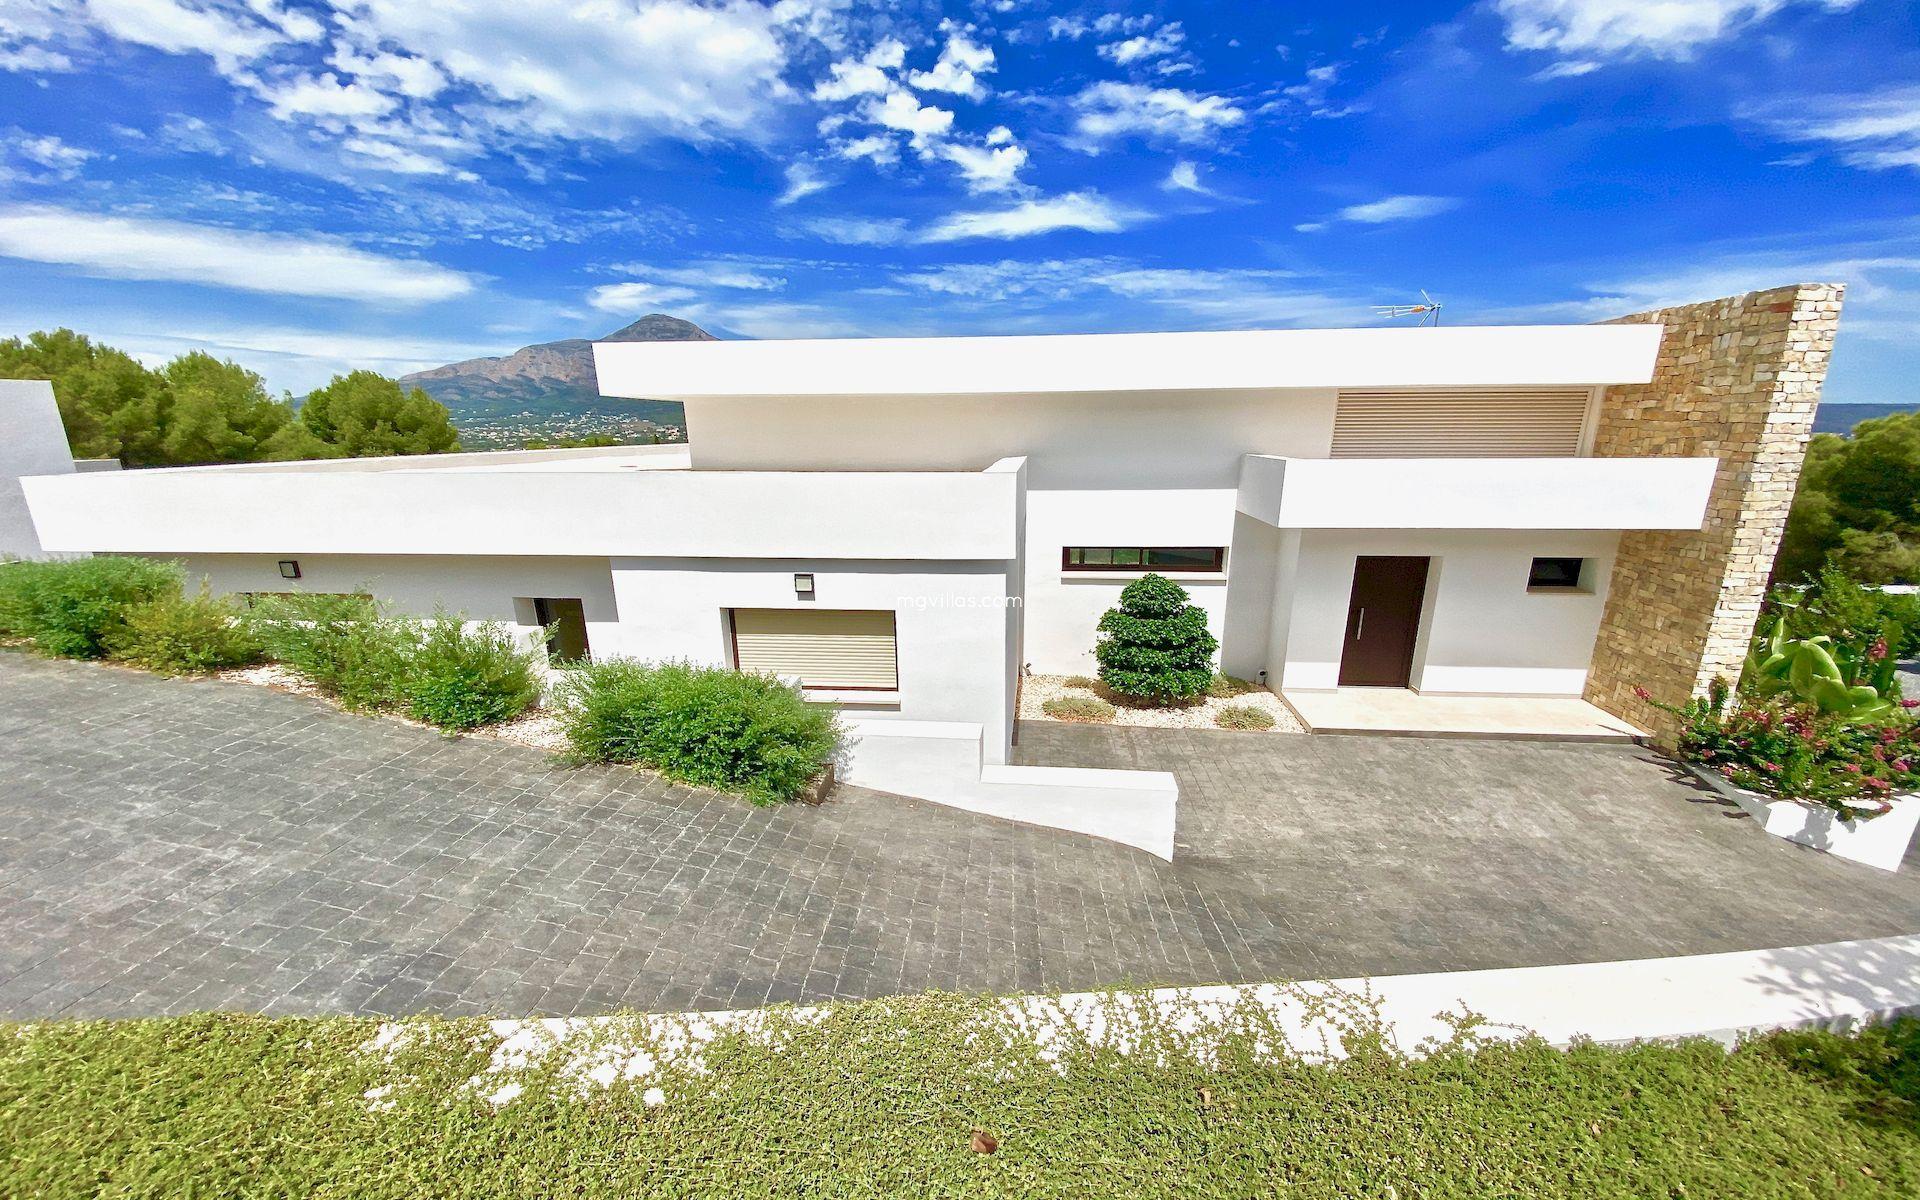 Moderne nieuwbouwvilla te koop in Javea - Costa Blanca